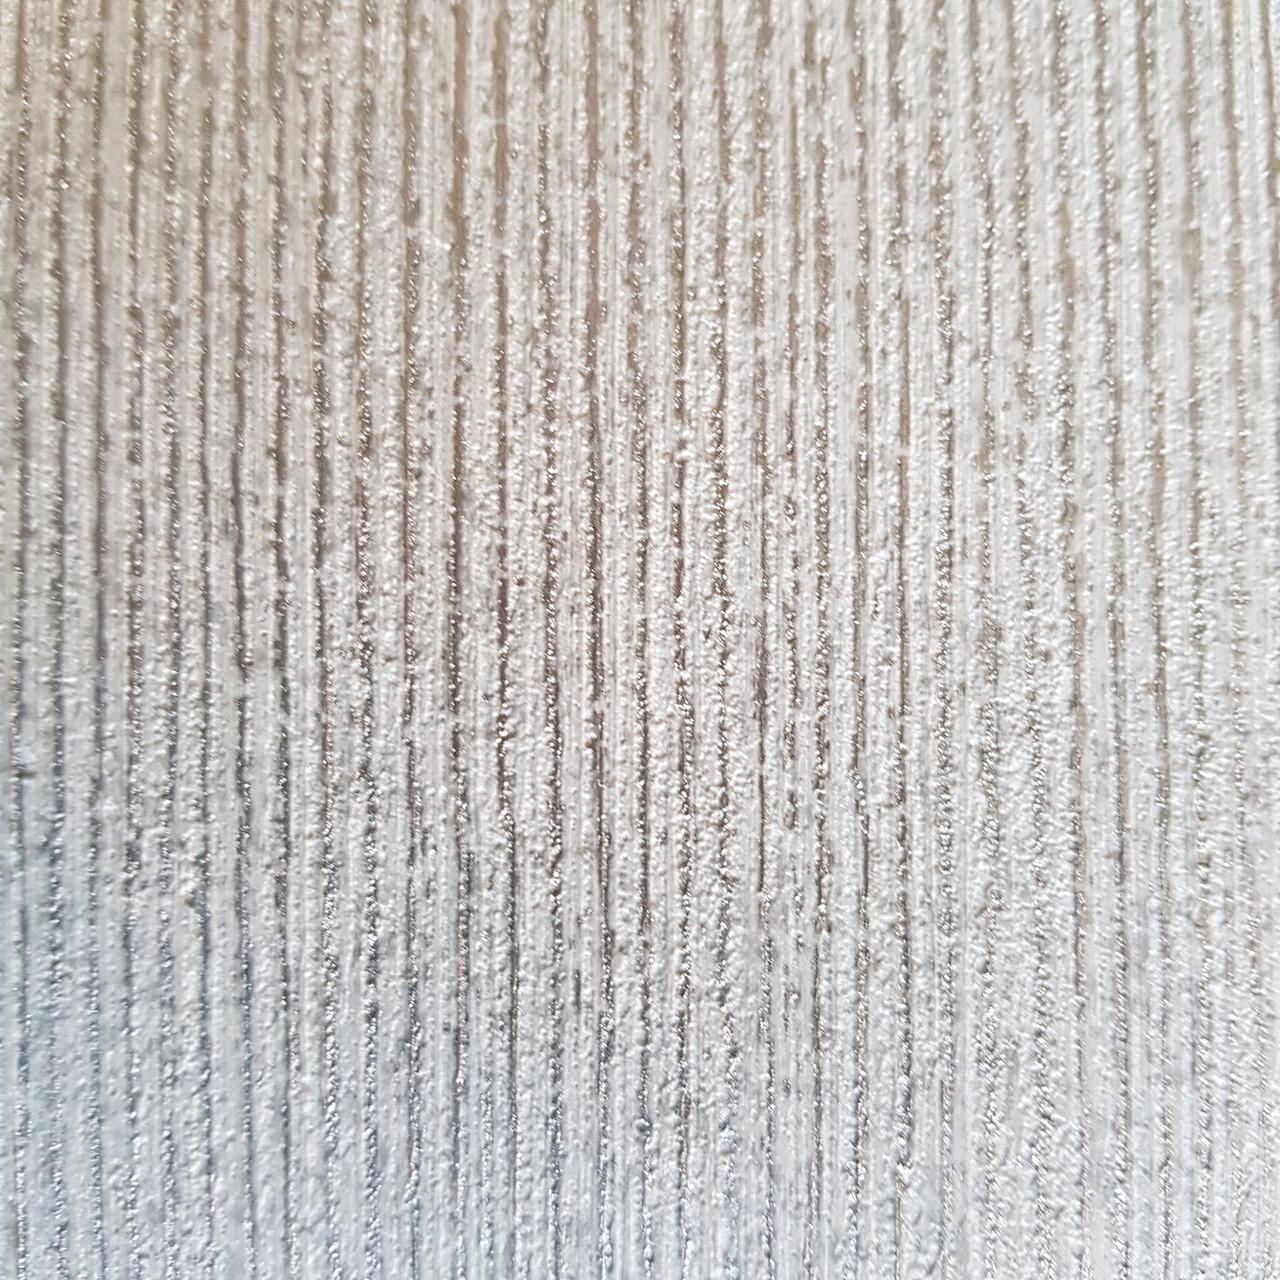 Обои виниловые на флизелине Ugepa ONYX однотонные структурные серые серебристая полоска